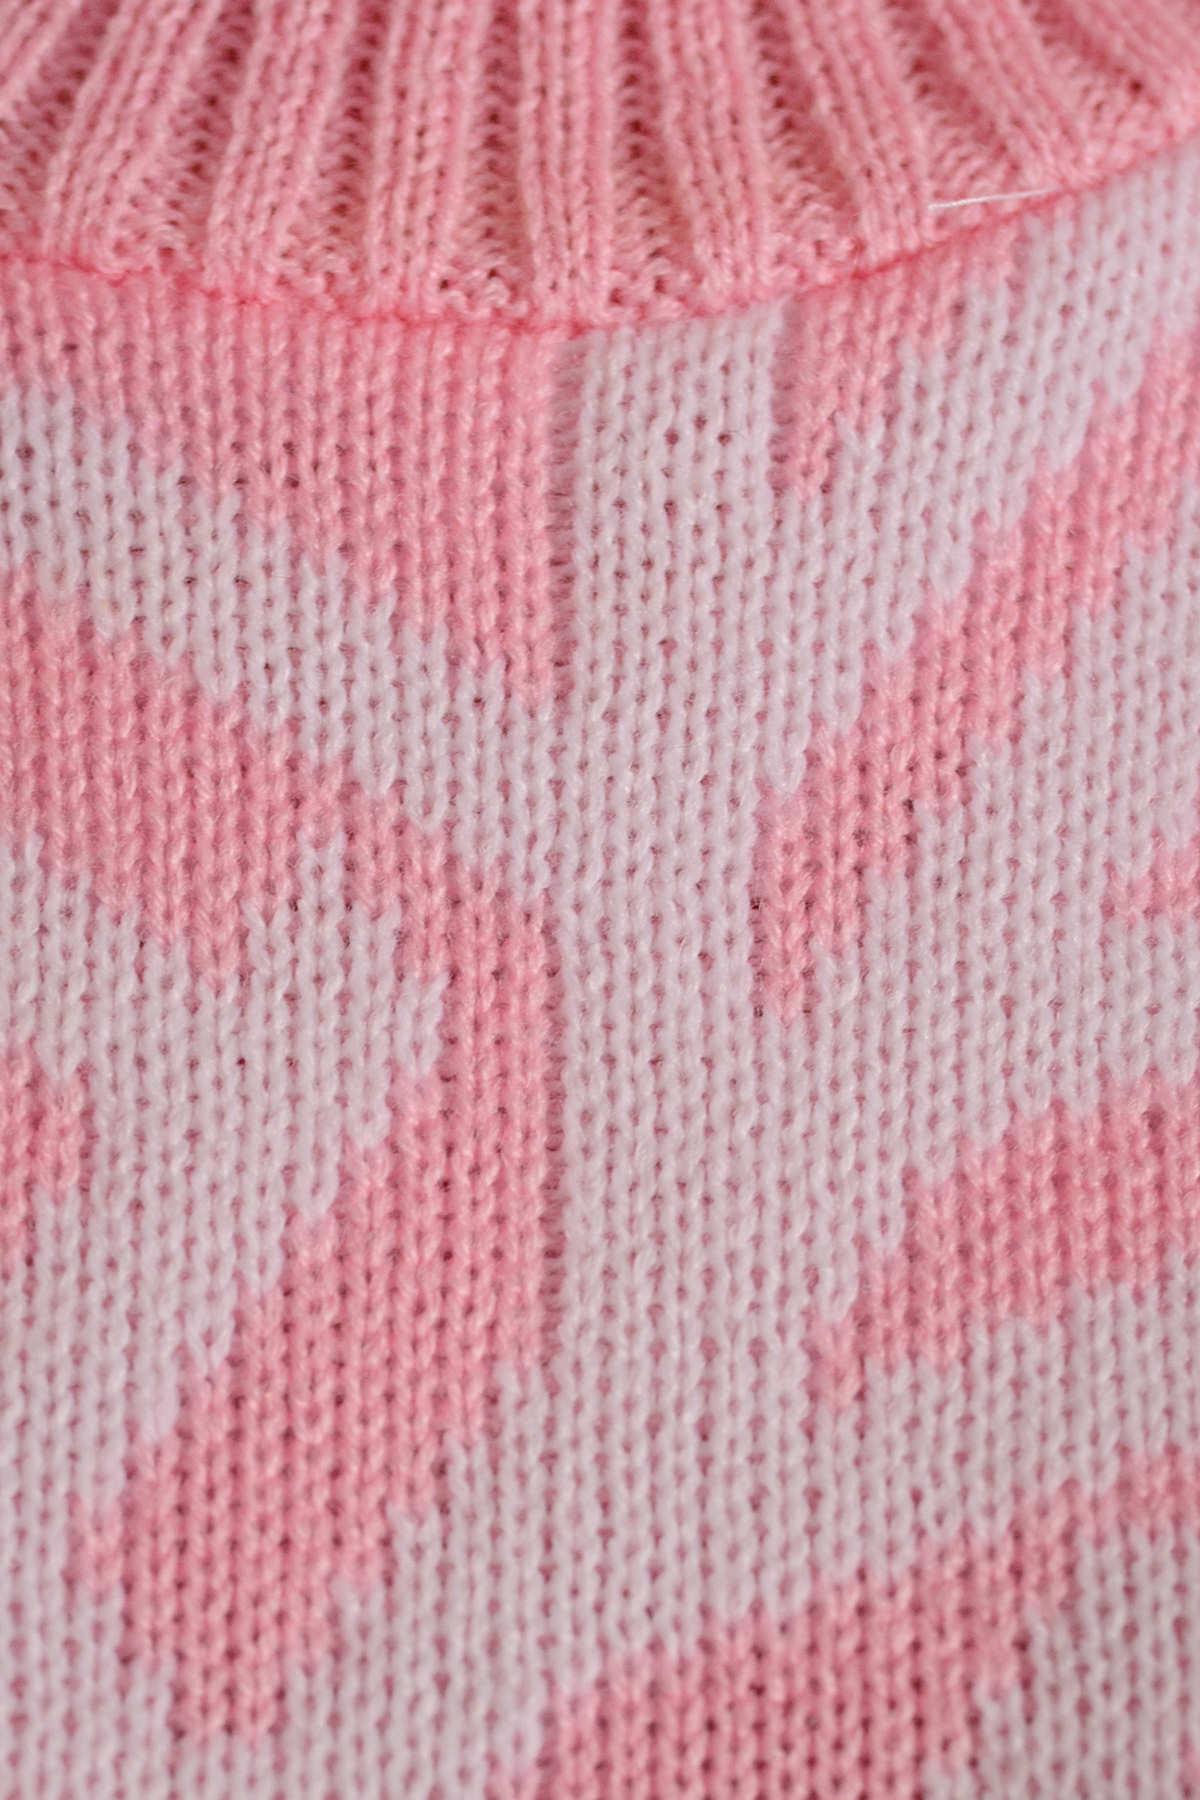 Платье Снежинка  АРТ. 7583 Цвет: Светло-розовый/белый - фото 4, интернет магазин tm-modus.ru